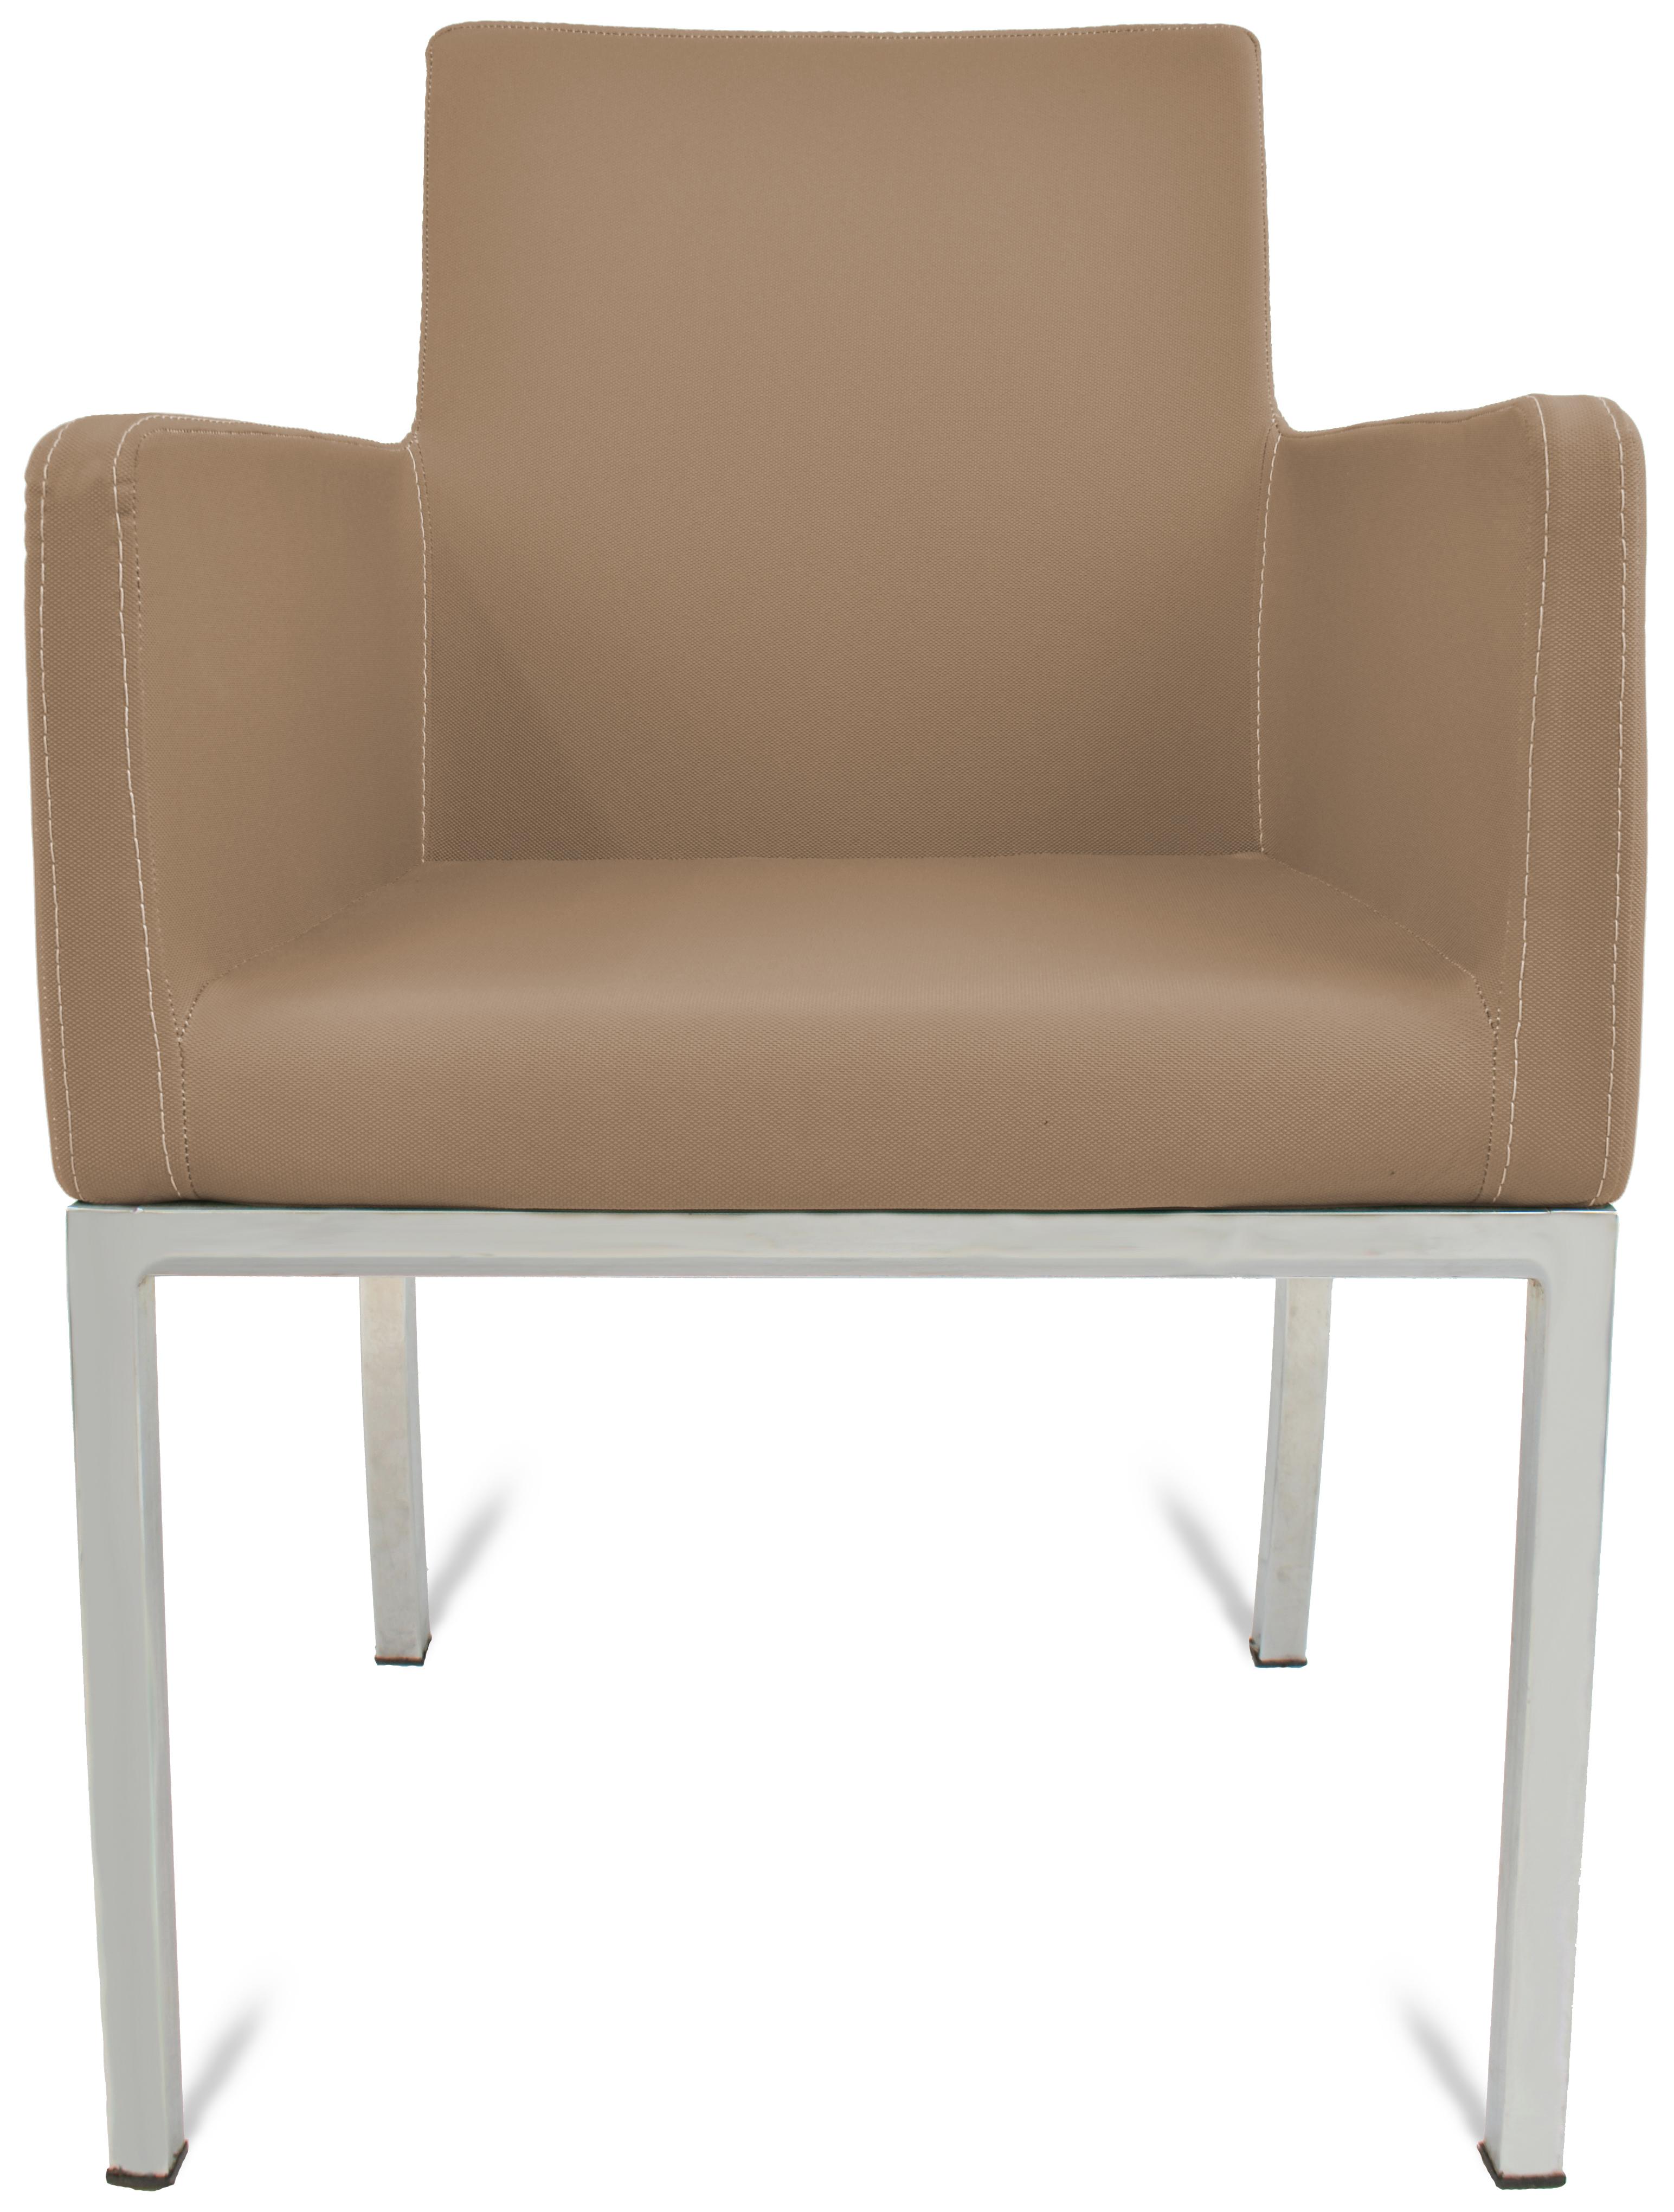 lounge stuhl risto beige g nstig kaufen m bel star. Black Bedroom Furniture Sets. Home Design Ideas